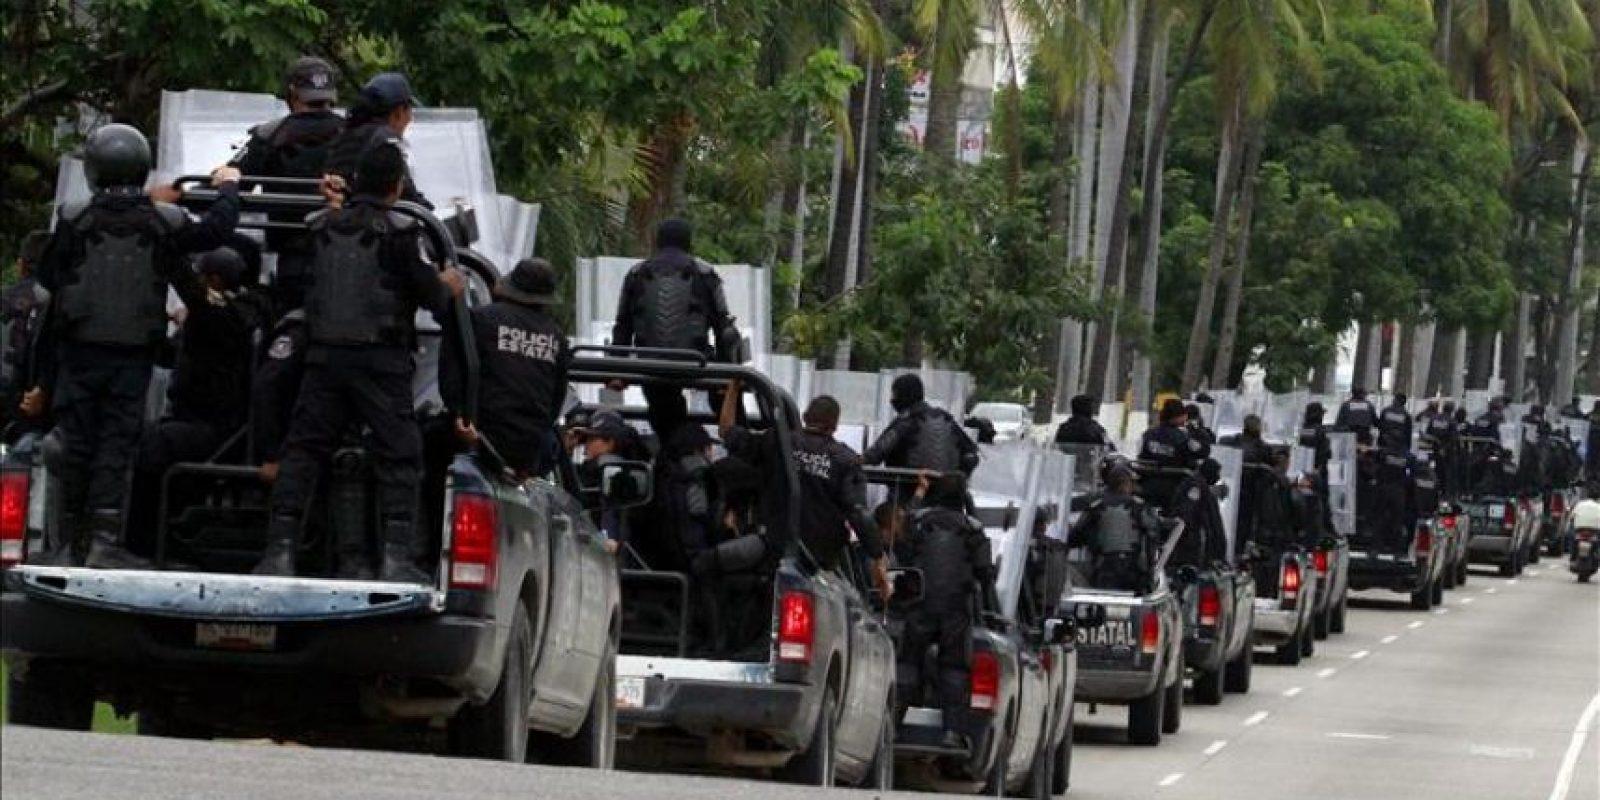 Cientos de policías estatales con miembros de la Policía antimotines ingresan hoy, jueves 16 de octubre de 2014, al puerto de Acapulco como parte de los preparativos para la marcha que se llevará a cabo en esta ciudad mexicana. EFE